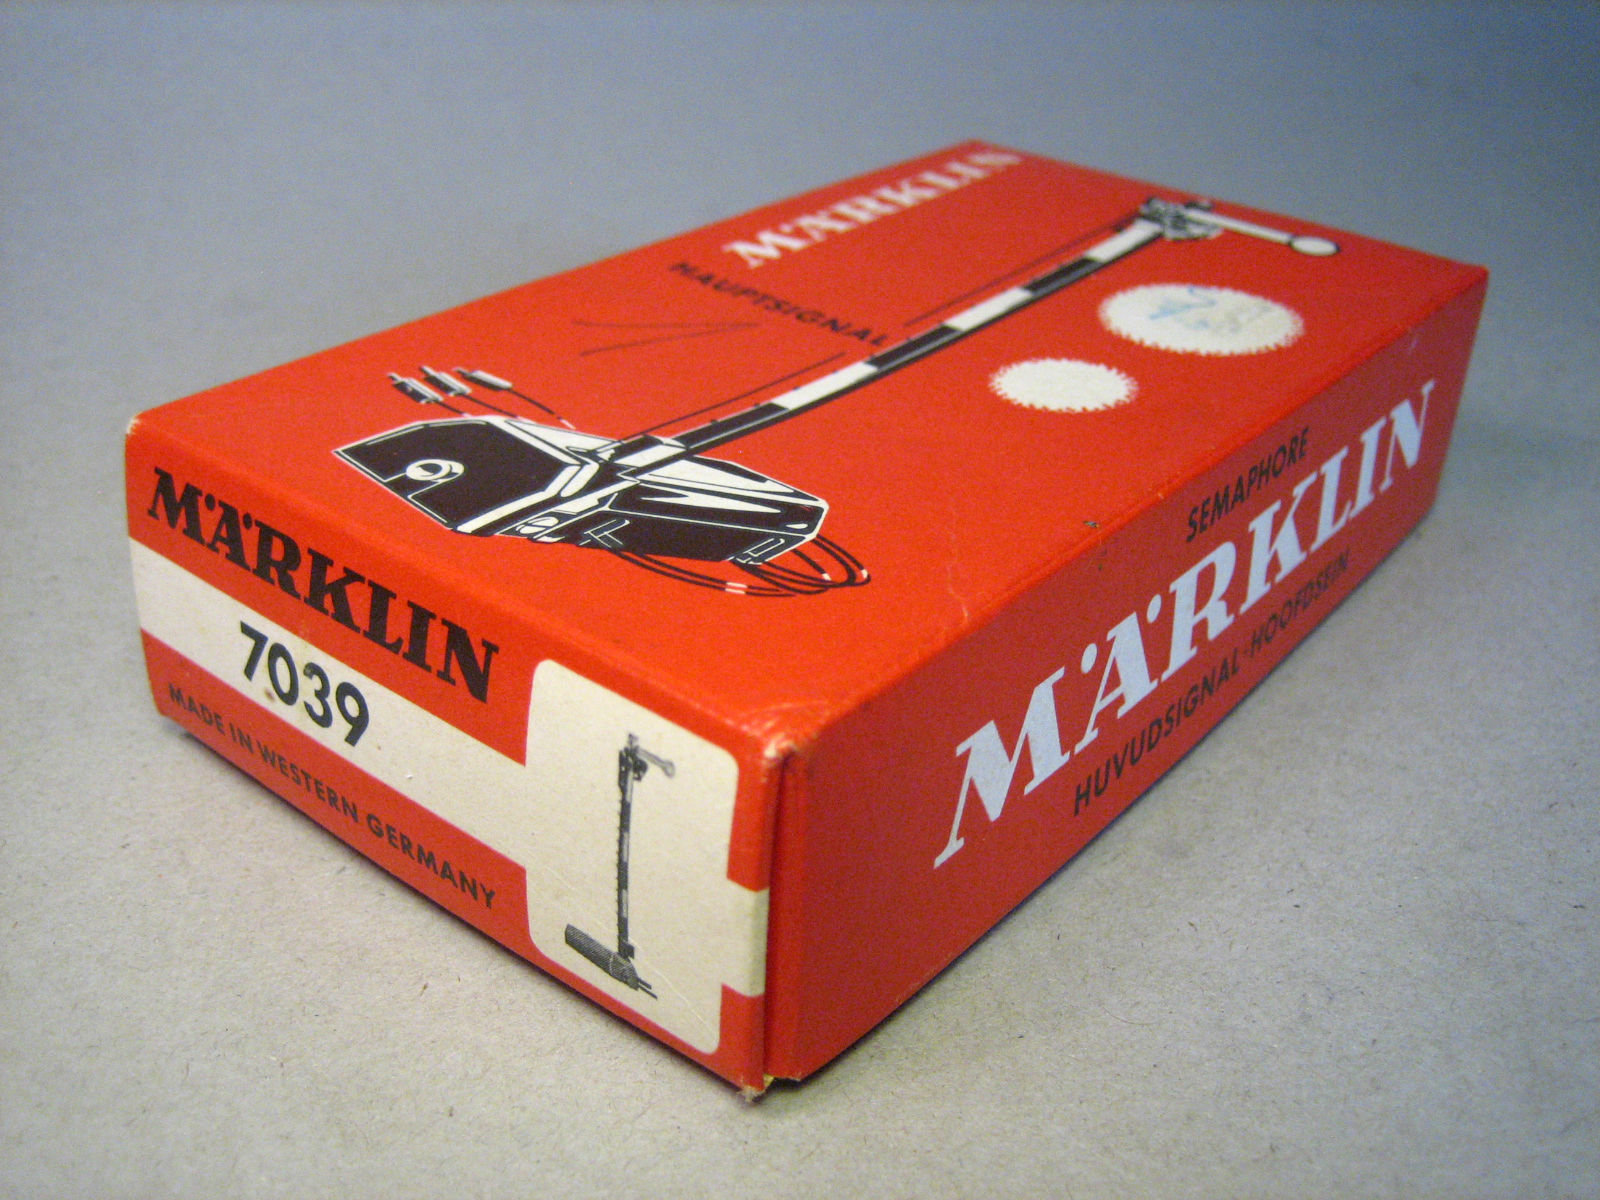 MA701 MÄRKLIN 7039 SEMAPHORE SIGNAL